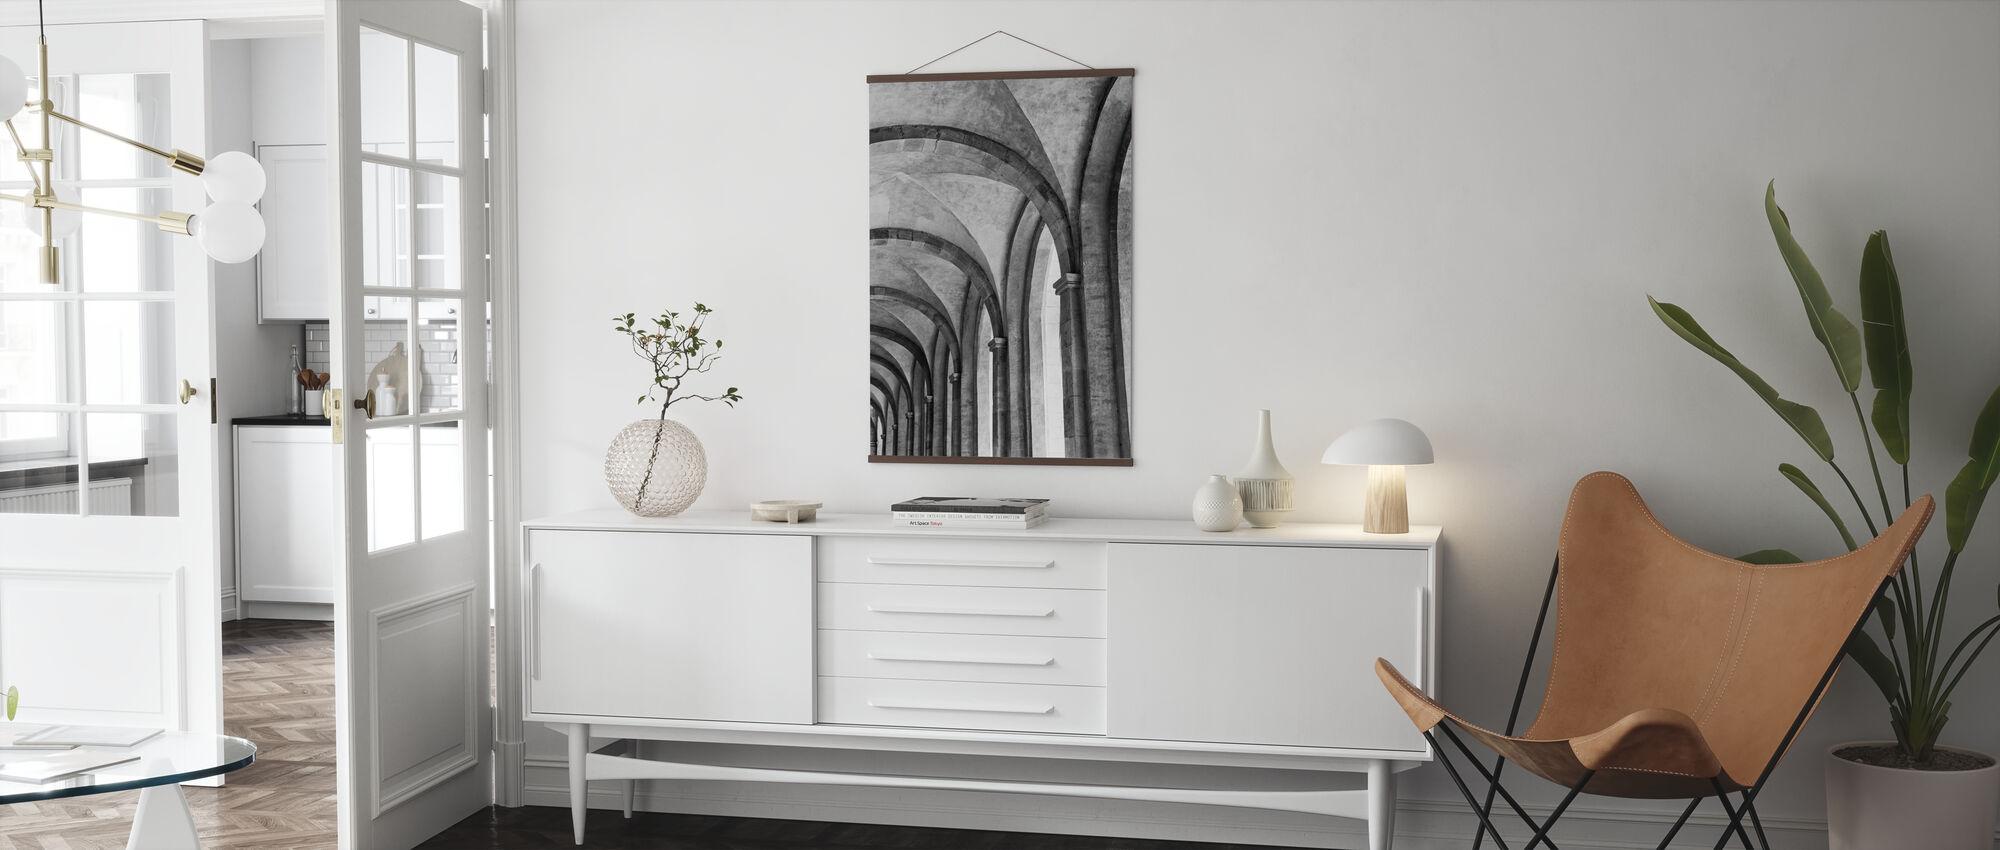 Domgewölbe - Poster - Wohnzimmer